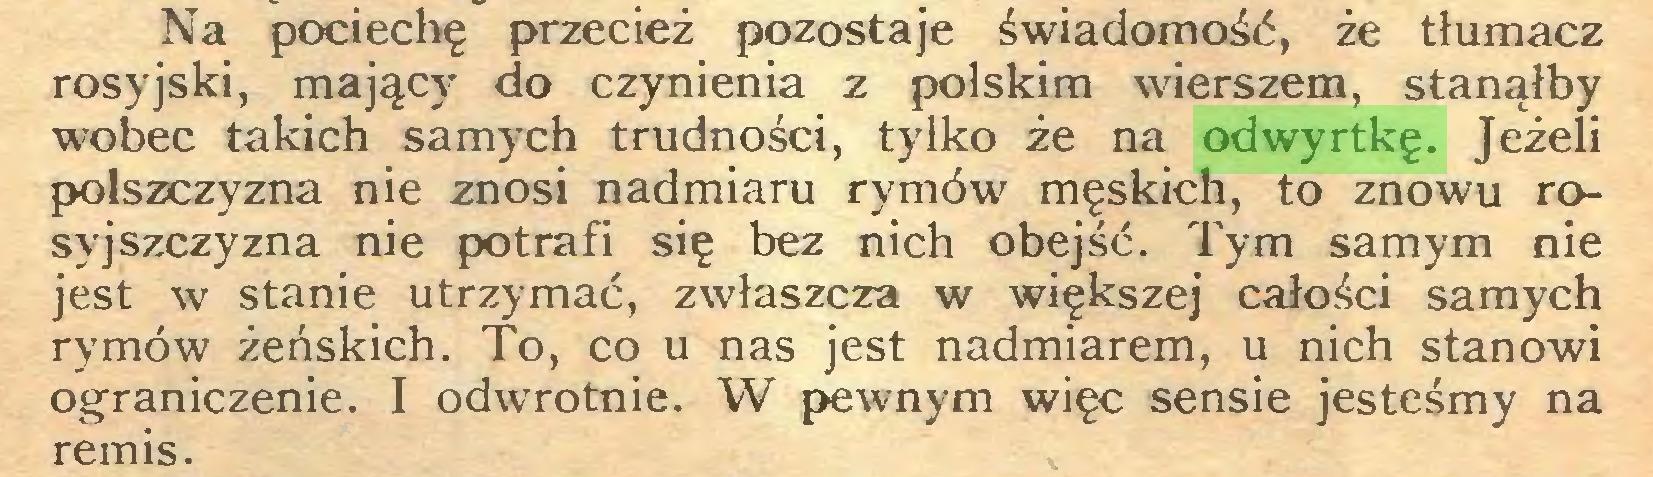 (...) Na pociechę przecież pozostaje świadomość, że tłumacz rosyjski, mający do czynienia z polskim wierszem, stanąłby wobec takich samych trudności, tylko że na odwyrtkę. Jeżeli polszczyzna nie znosi nadmiaru rymów męskich, to znowu rosyjszczyzna nie potrafi się bez nich obejść. Tym samym nie jest w stanie utrzymać, zwłaszcza w większej całości samych rymów żeńskich. To, co u nas jest nadmiarem, u nich stanowi ograniczenie. I odwrotnie. W pewnym więc sensie jesteśmy na remis...